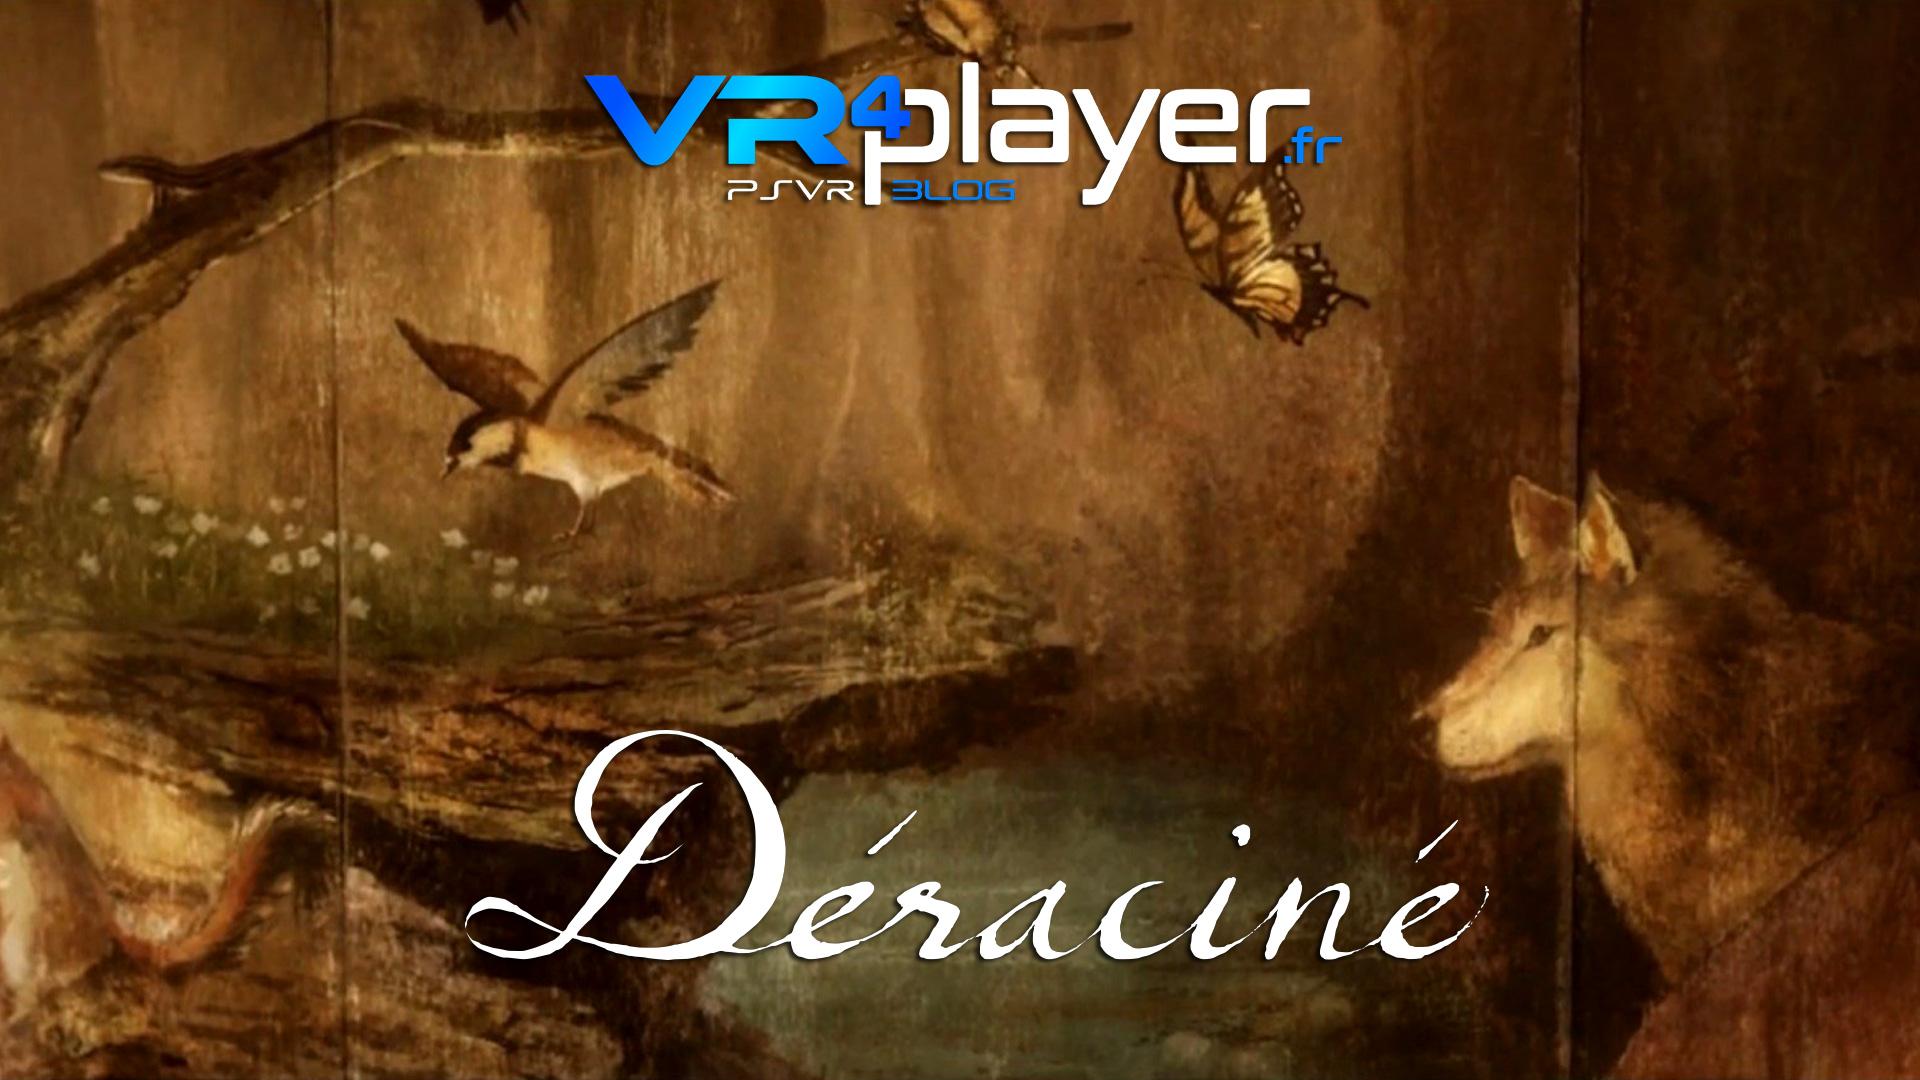 Déraciné, quand sort-il sur PSVR ? vr4player.fr